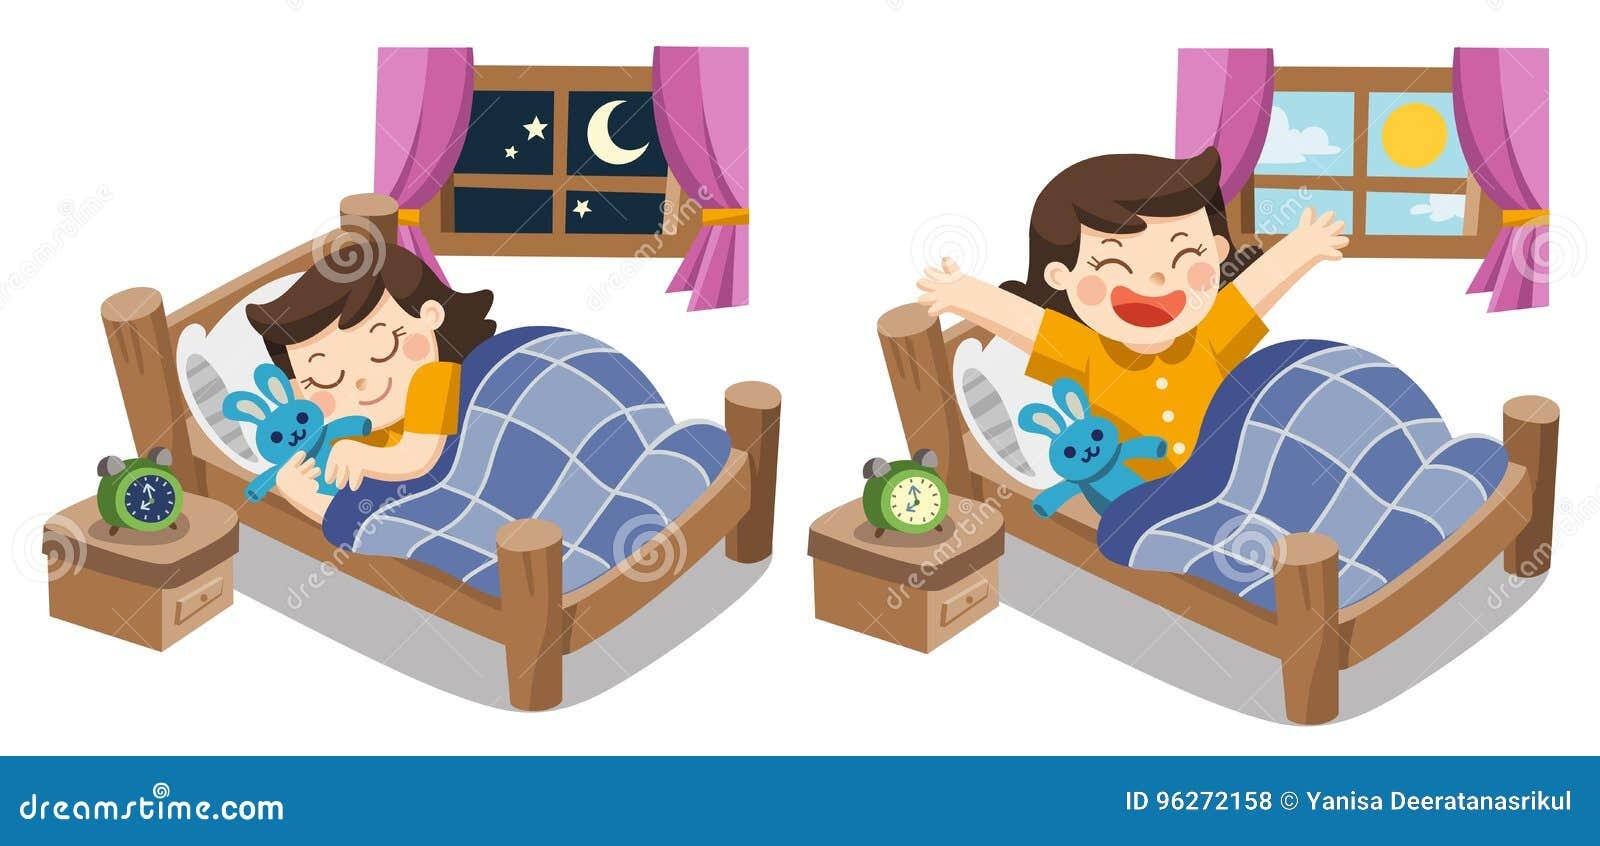 Troszkę dziewczyny dosypianie na dzisiejszym wieczór, dobranoc słodcy sen